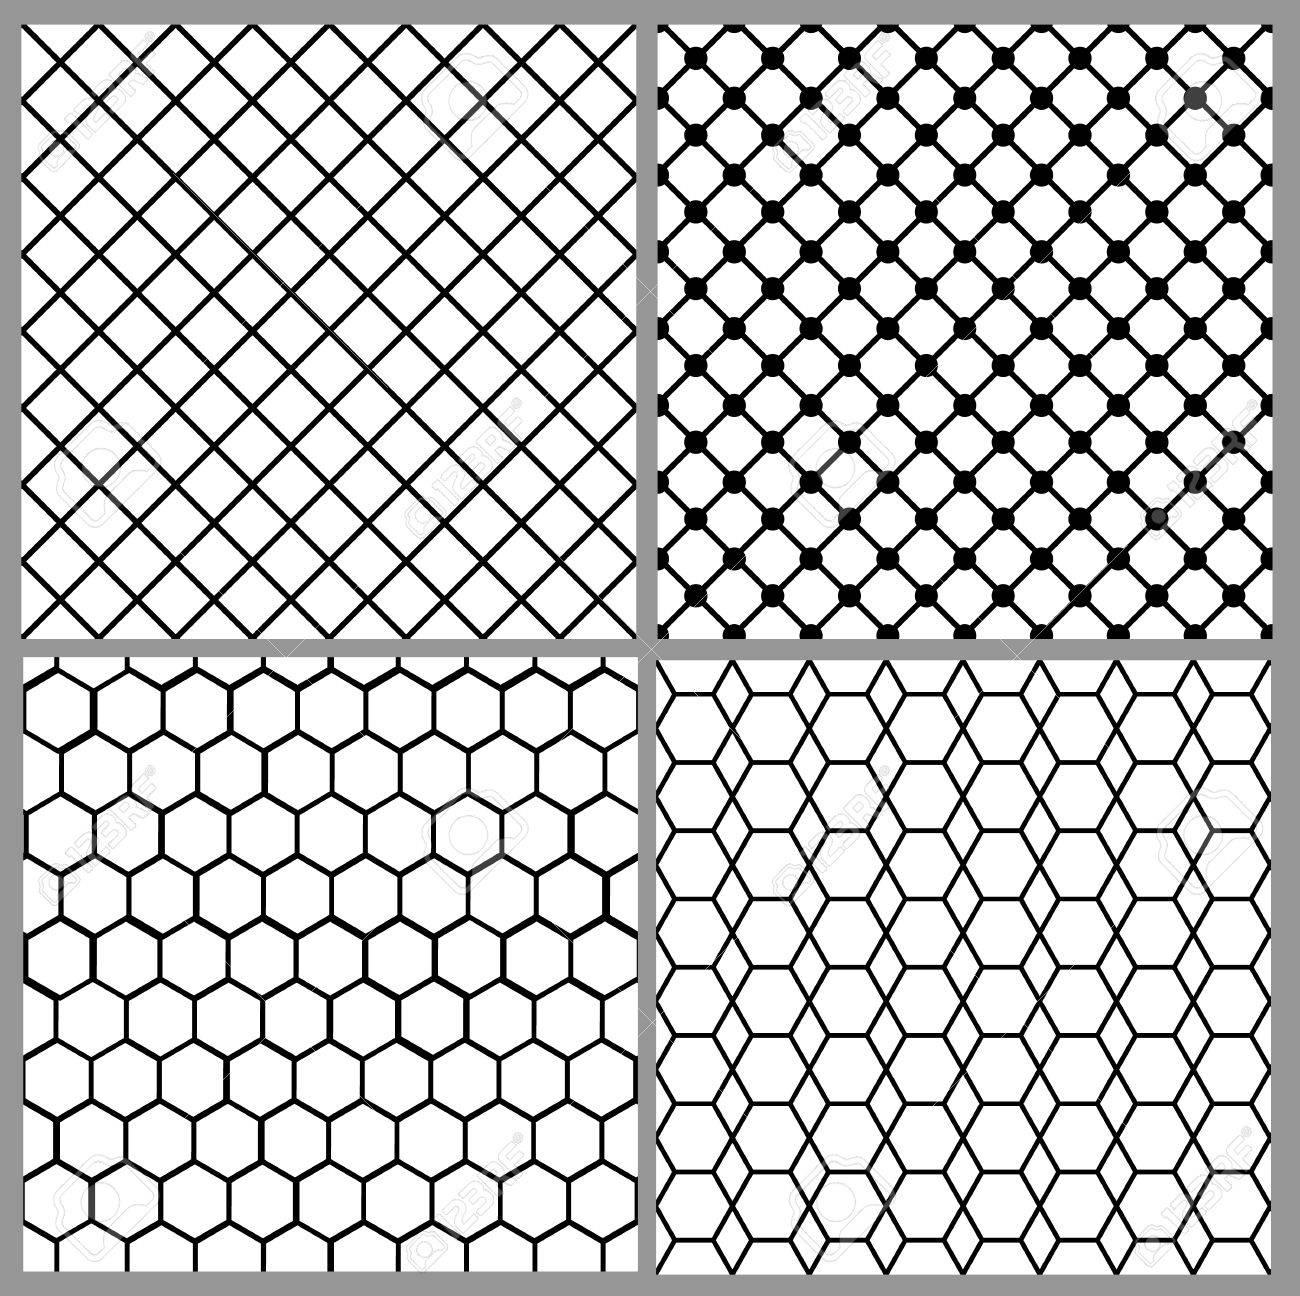 54a31cae5a02 Set von nahtlosen Netz Muster für Spitzen-Design Standard-Bild - 61007777